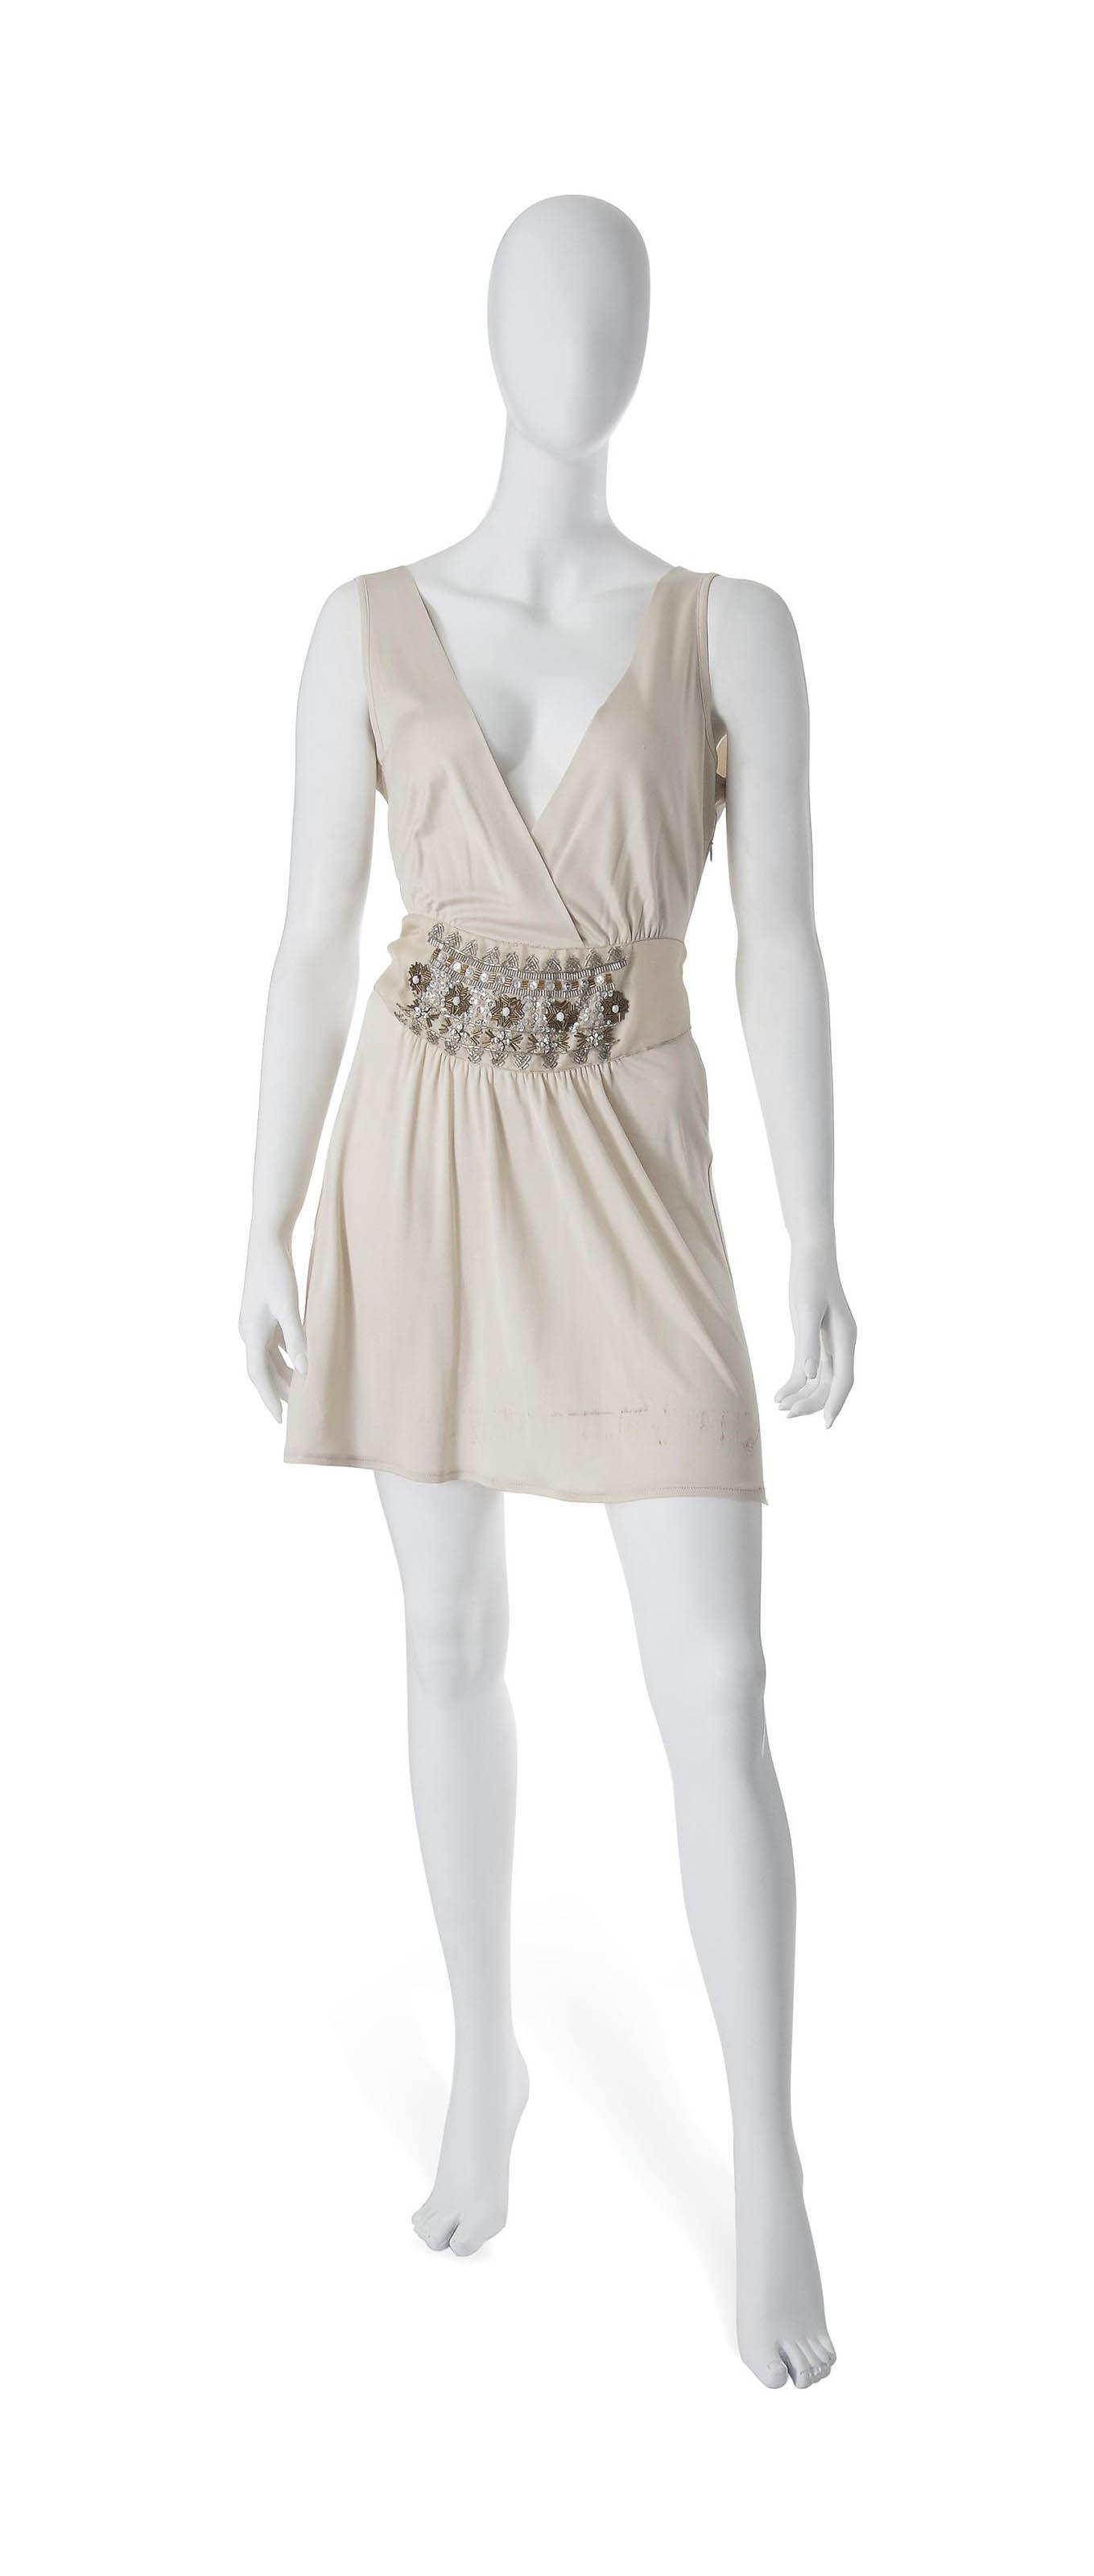 AN IVORY SILK JERSEY COCKTAIL DRESS